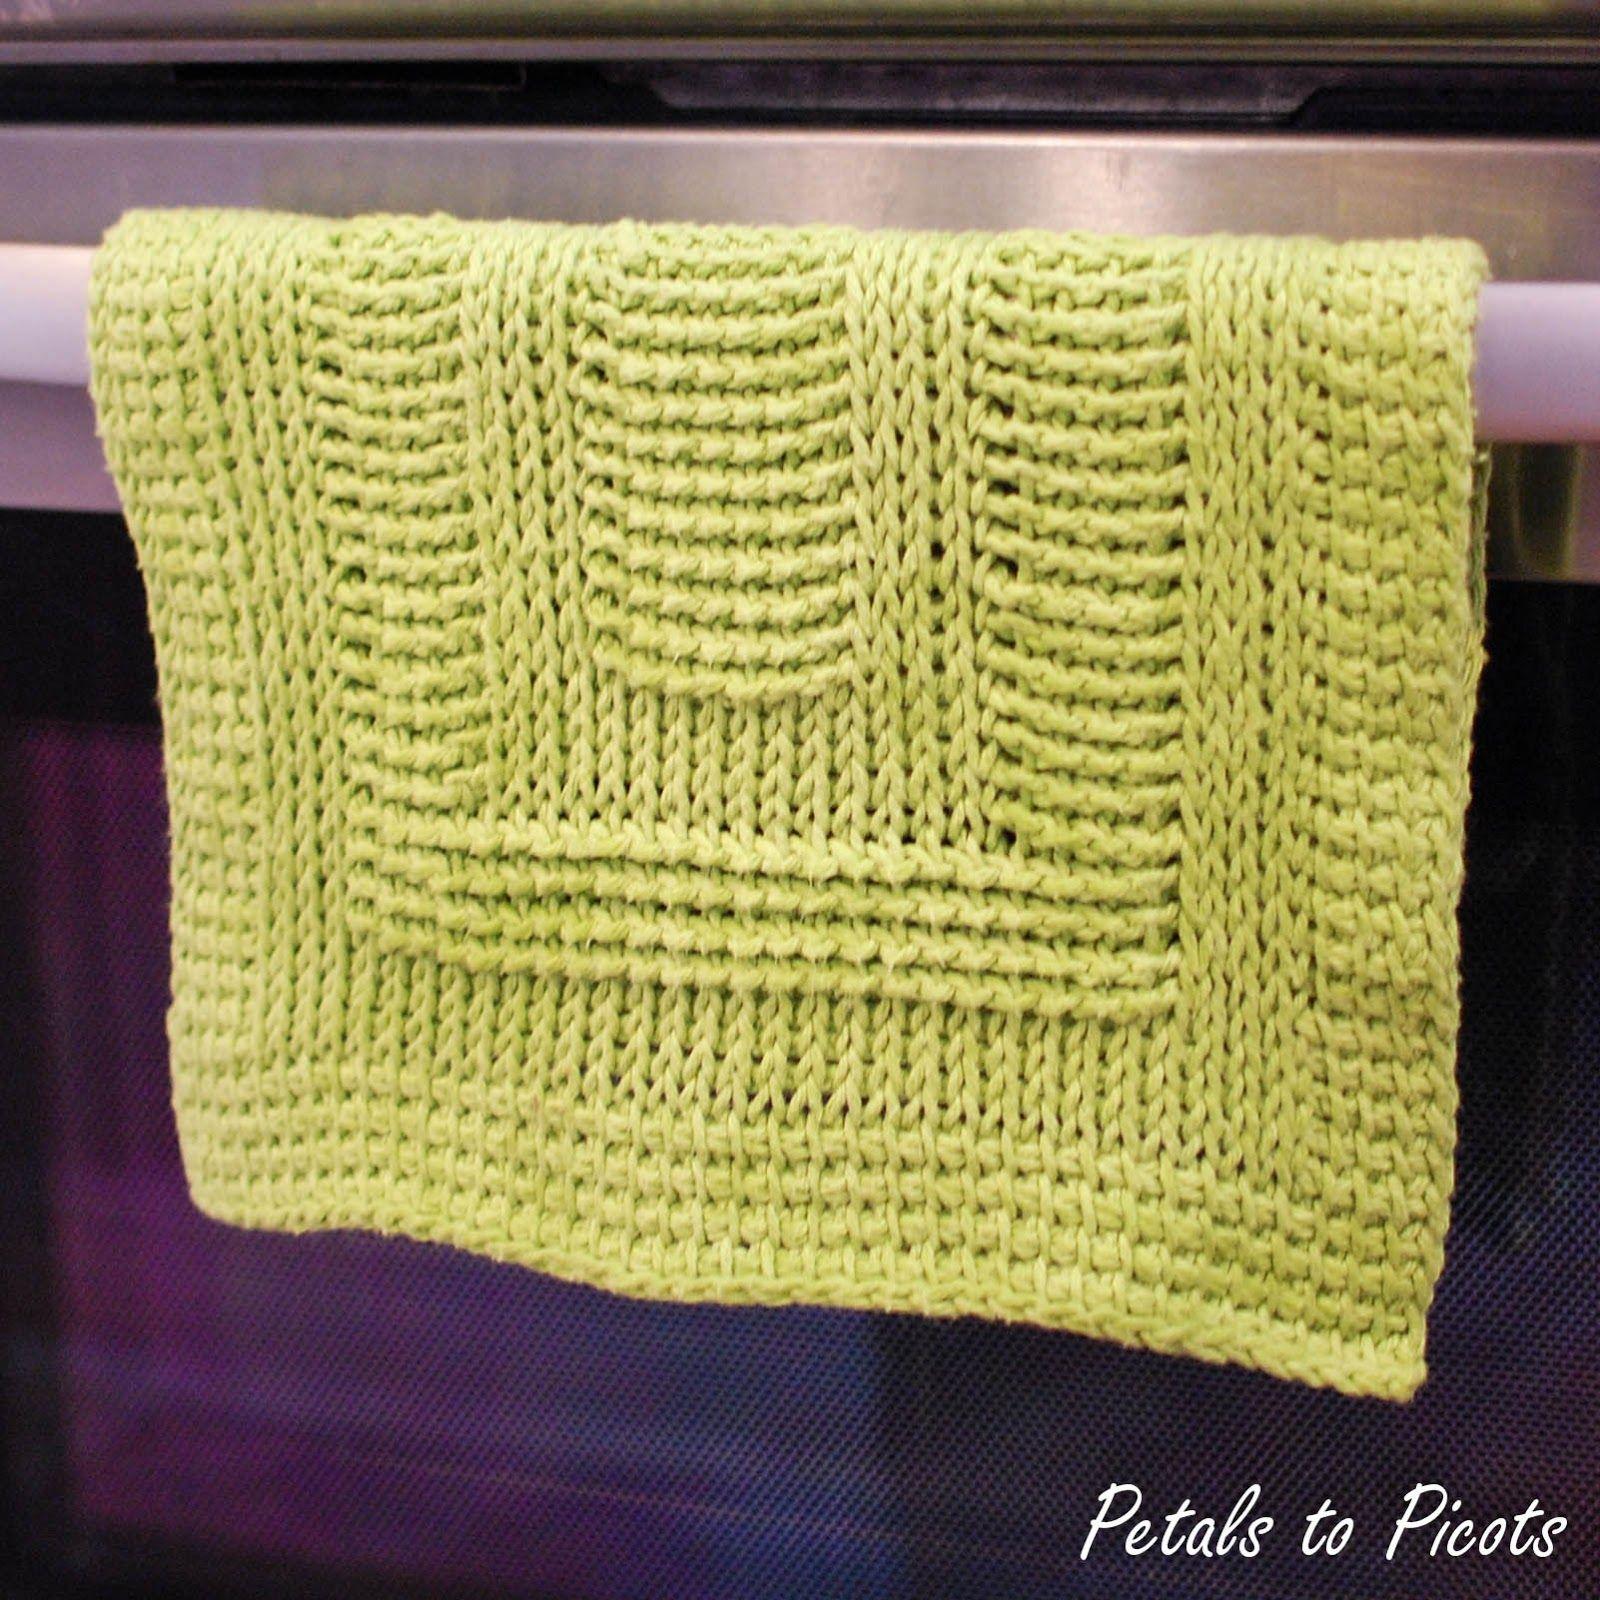 les 25 meilleures id es de la cat gorie serviette en crochet sur pinterest torchons cuisine. Black Bedroom Furniture Sets. Home Design Ideas